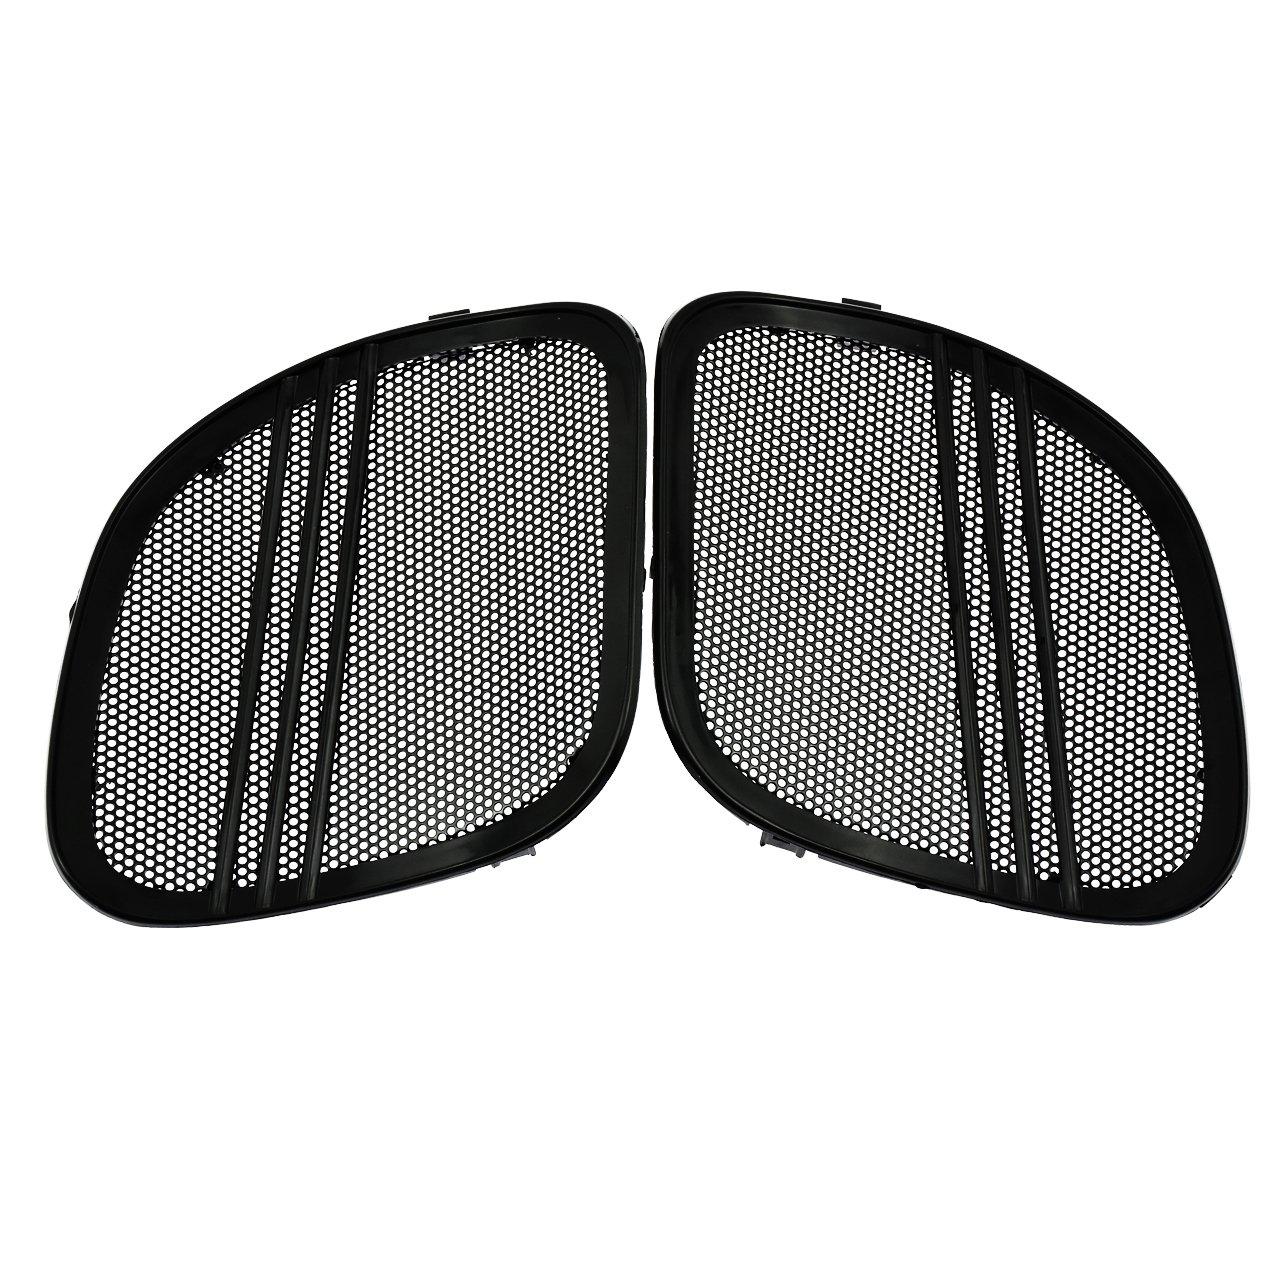 Rebacker Motorbike Tri-Line Speaker Grills Cover Trim Mesh for Harley Road Glide FLTRX 2015 2016 2017 2018,Chrome